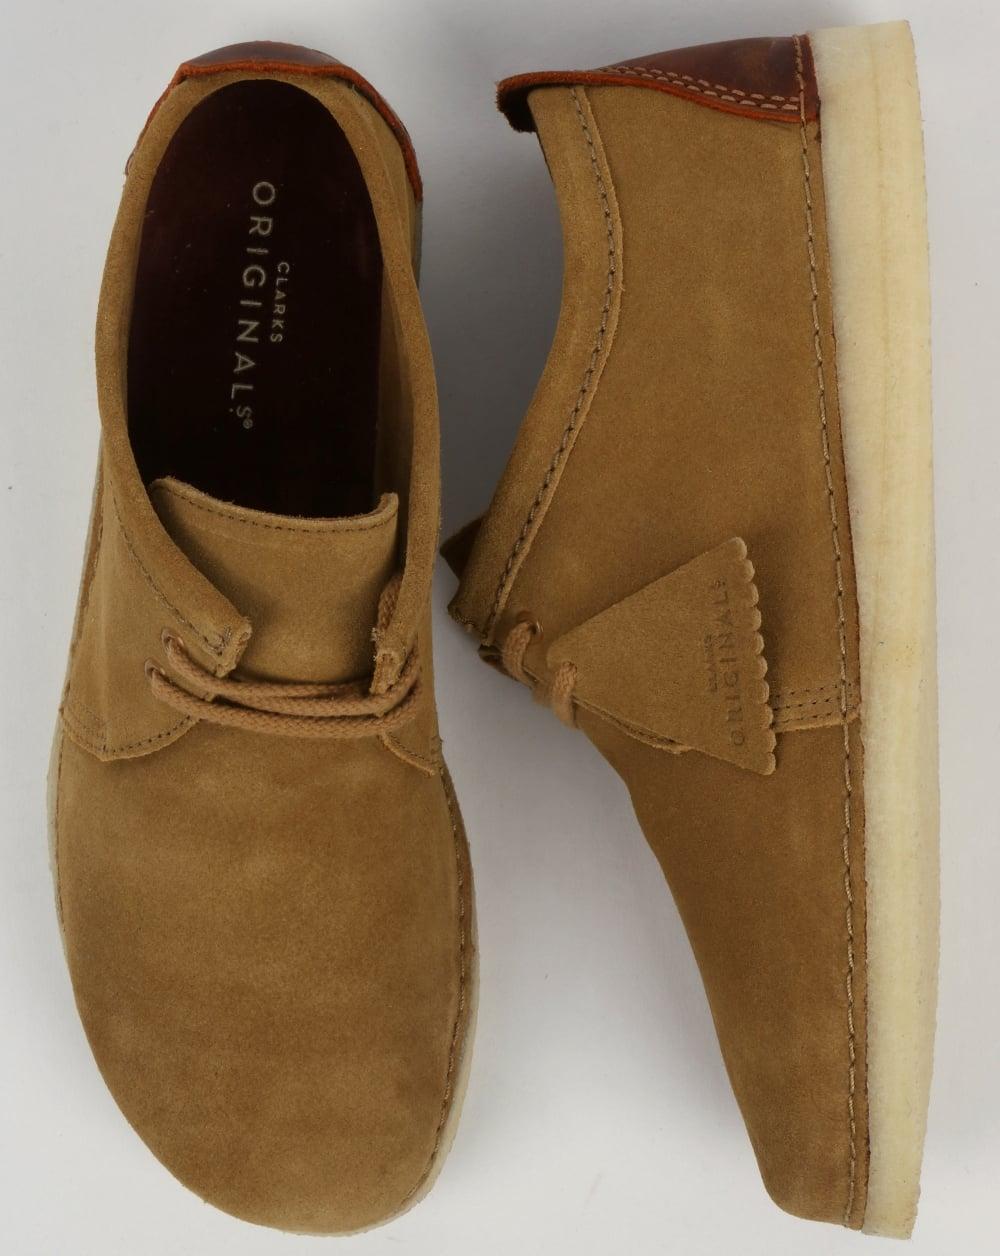 a5fda28b4b505 Clarks Originals Ashton Suede Shoes Oak, tan | 80s casual classics